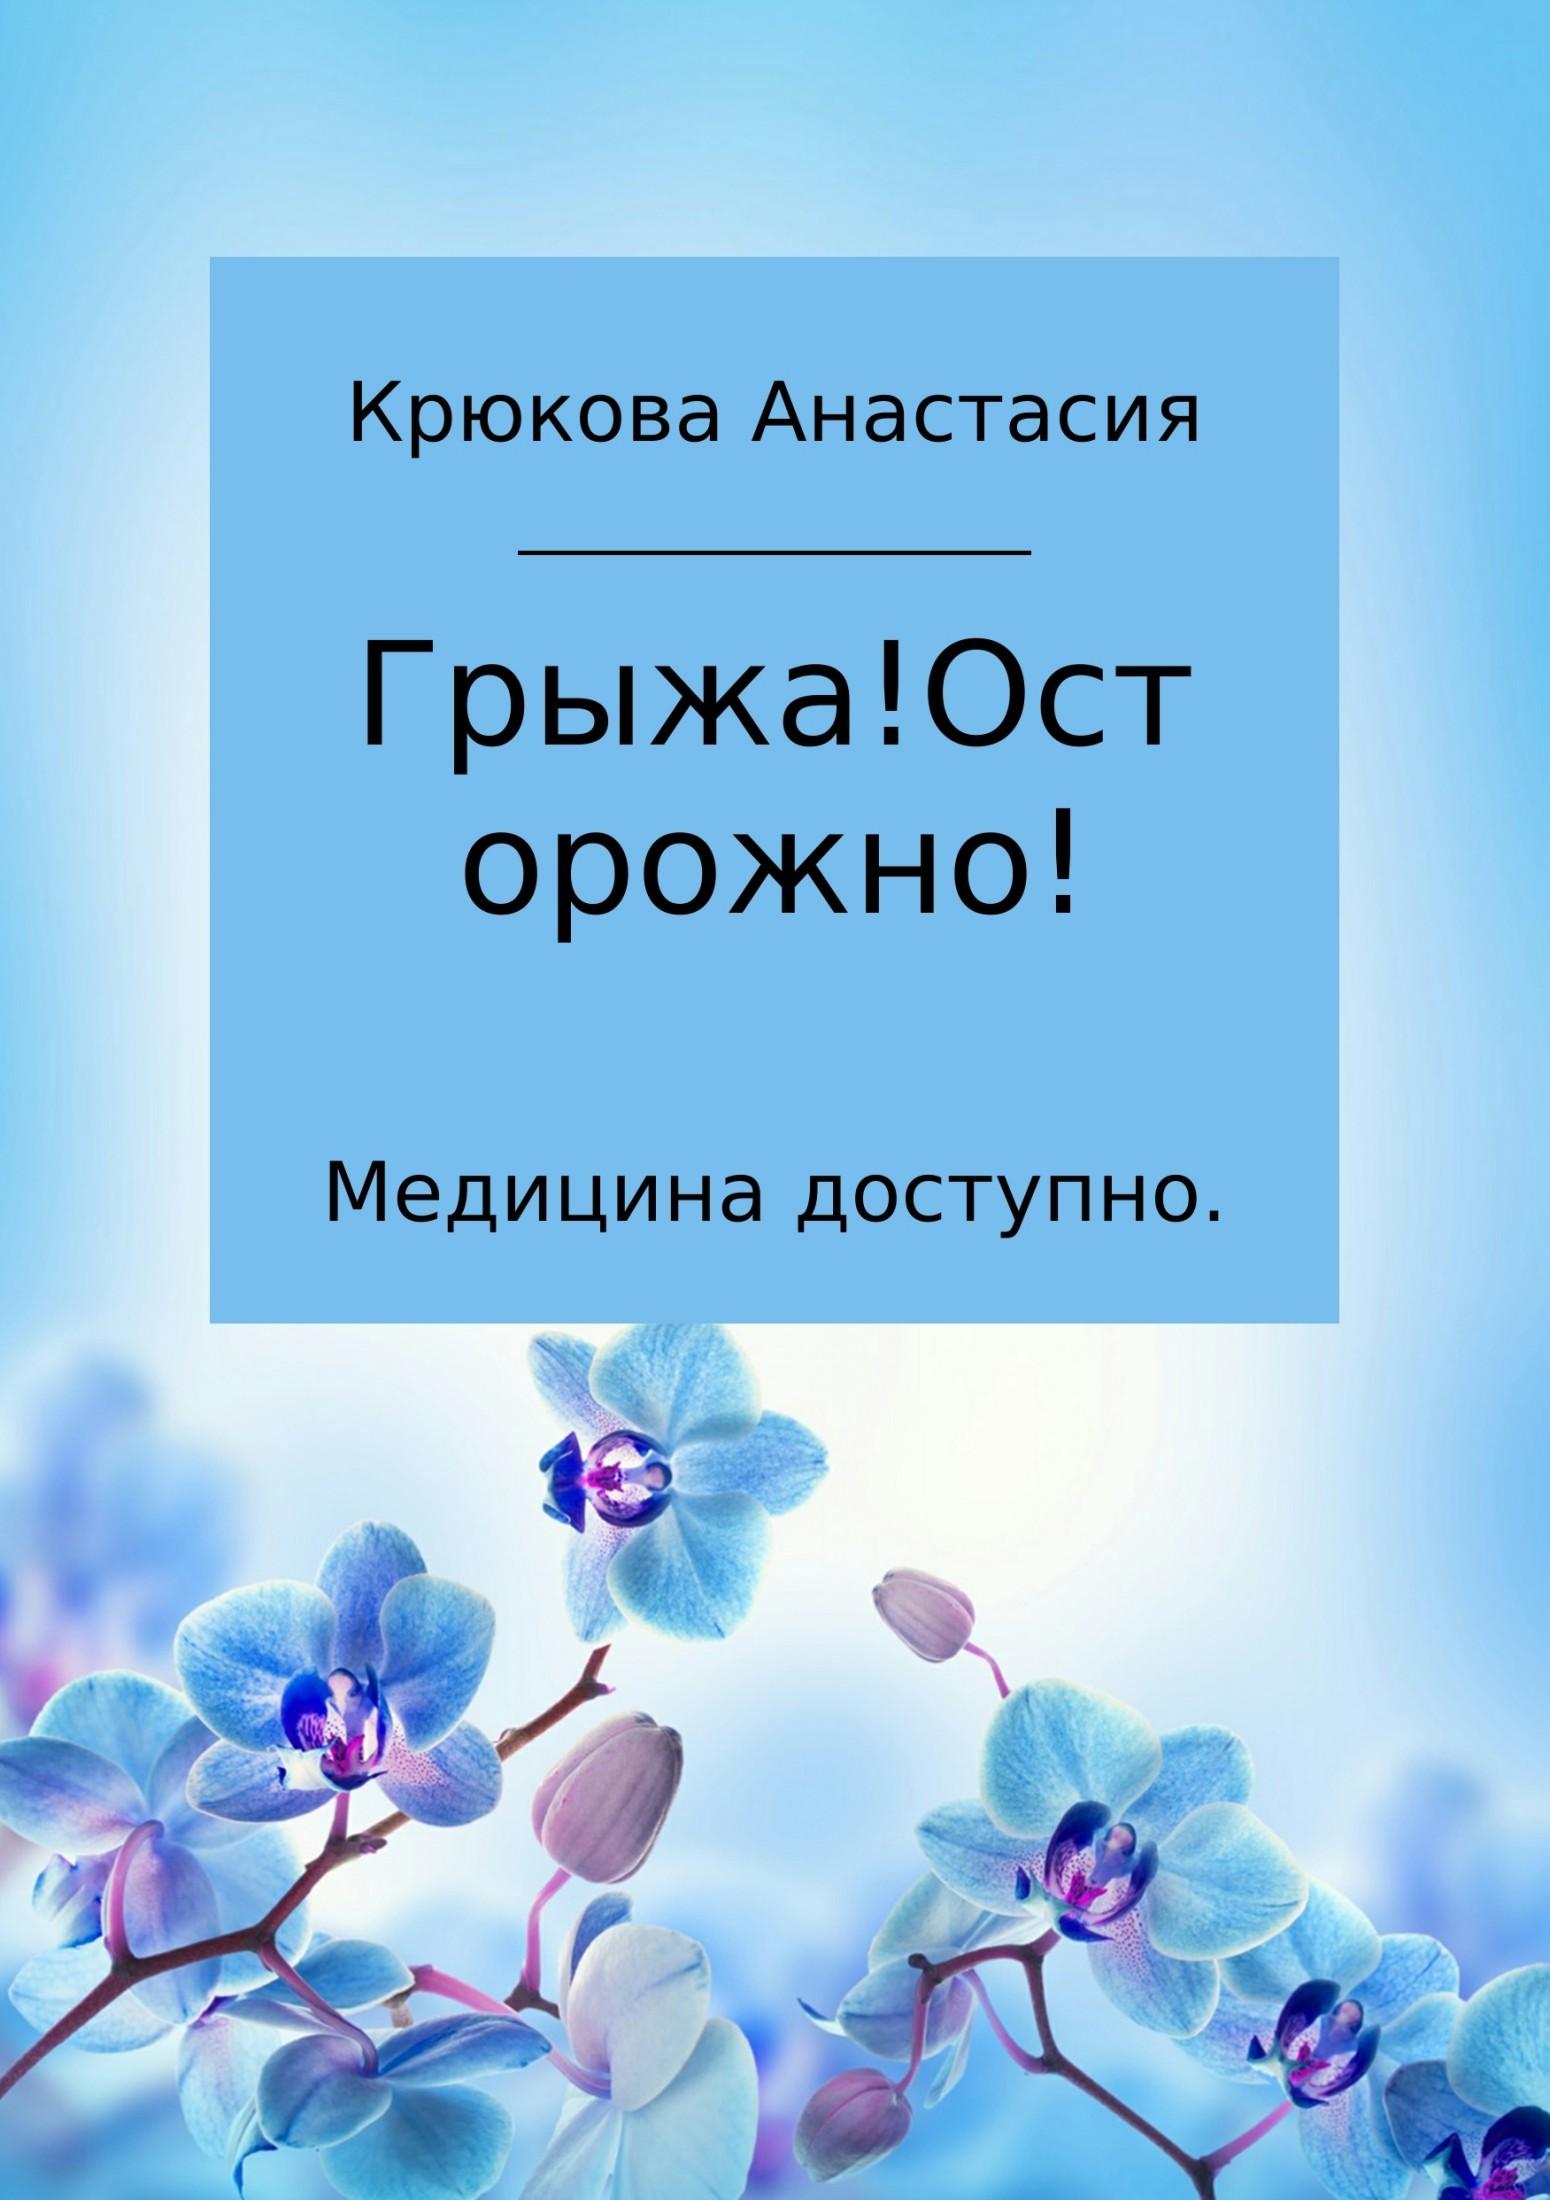 Книга Медицина доступно. Грыжа! Осторожно!